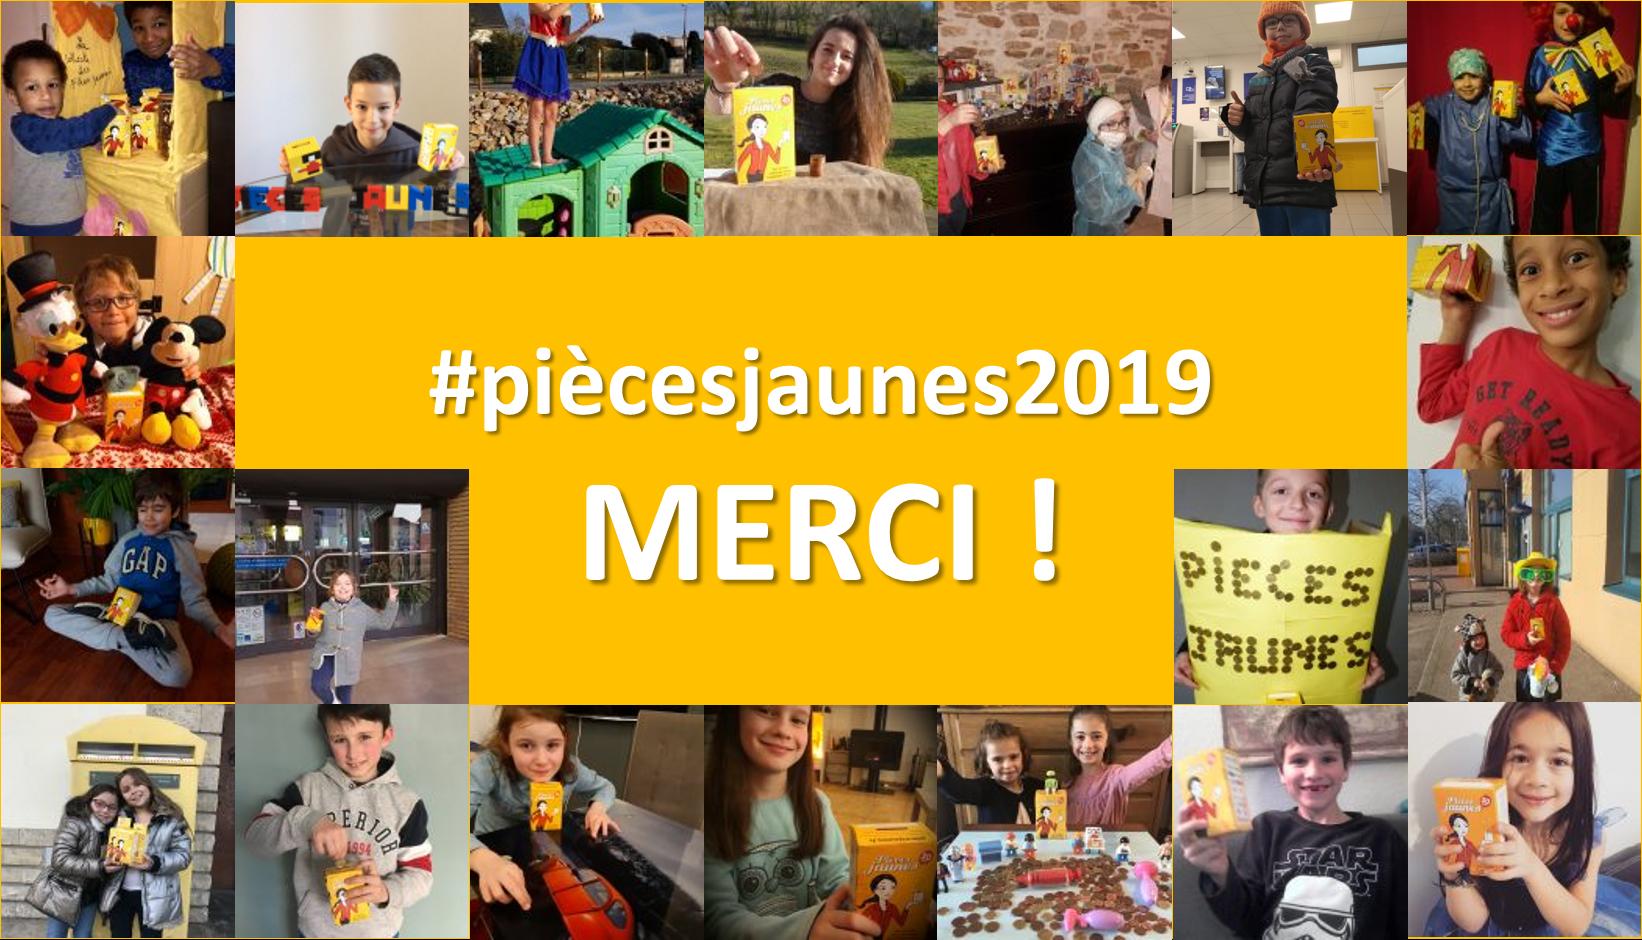 PJ 2019 MERCI à nos petits collecteurs